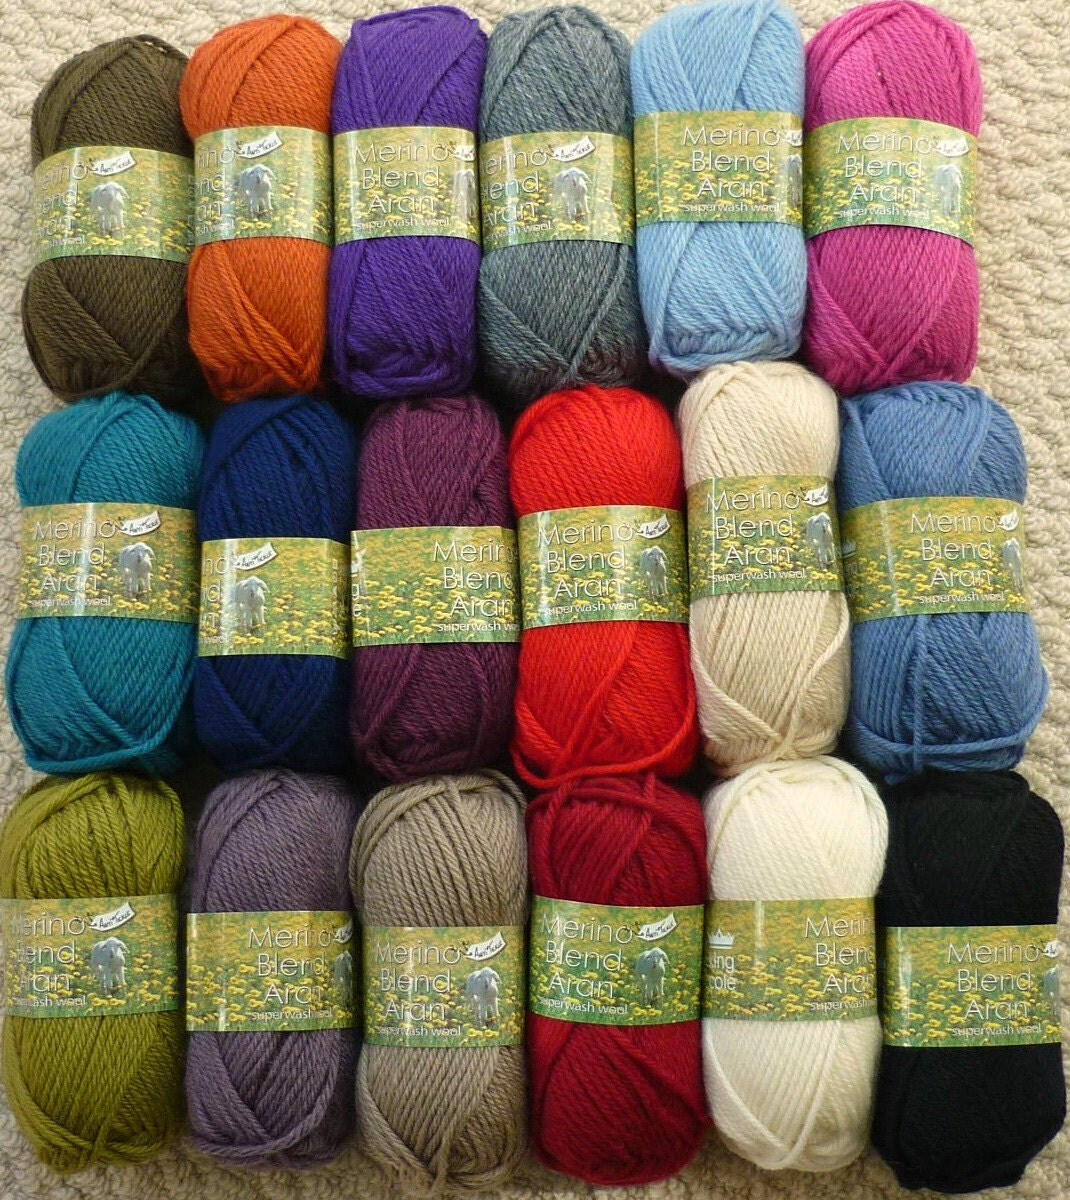 Knitting Pattern For T Bag Hat : Girls Hats Knitting Pattern K3390 Childrens Tea Bag ...